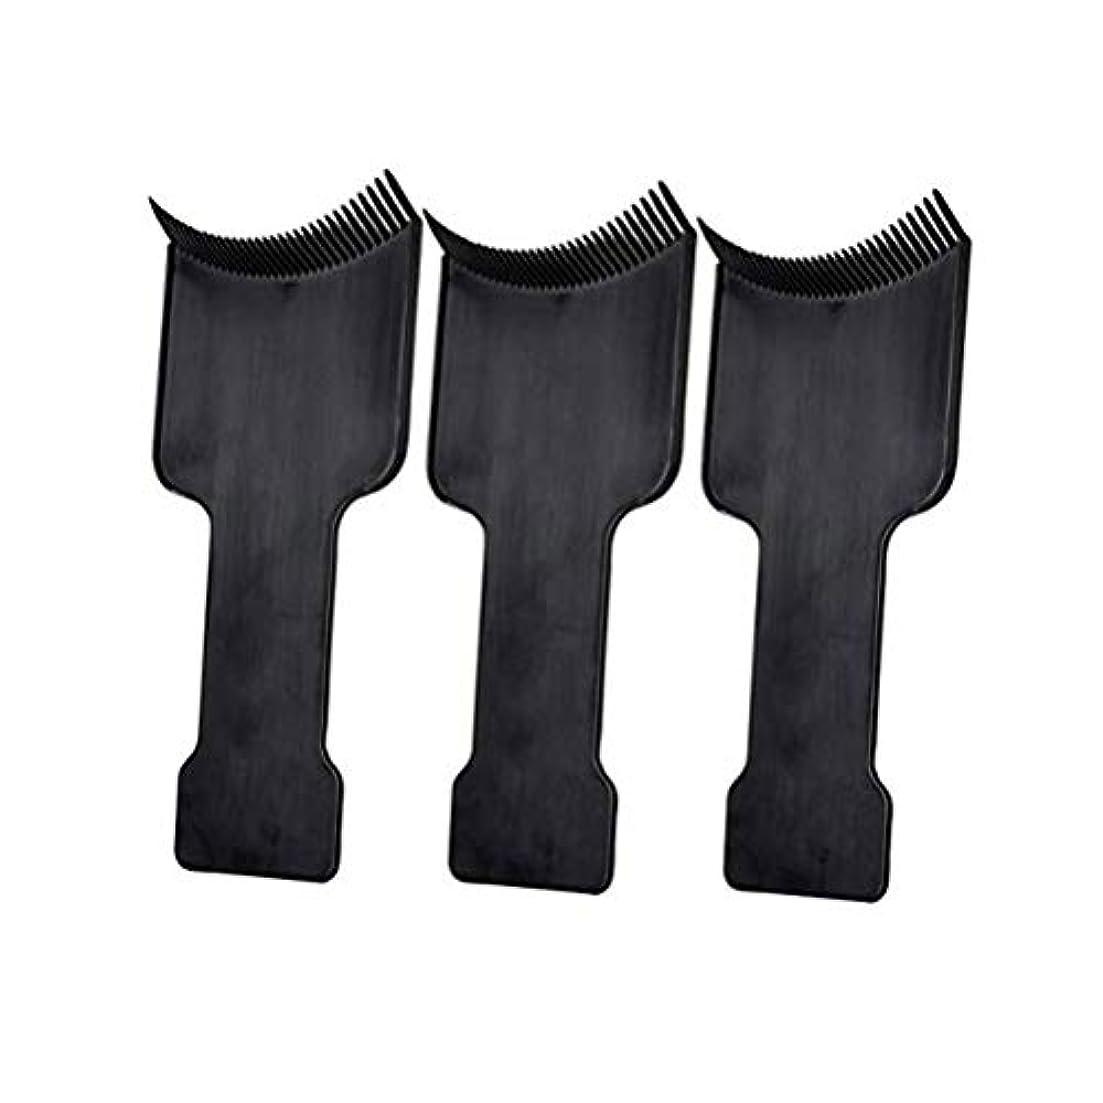 走るスリップ確実Lurrose 3本ヘアカラーブラシヘアダイブラシヘアダイアプリケータヘアカラーブラシ(黒)